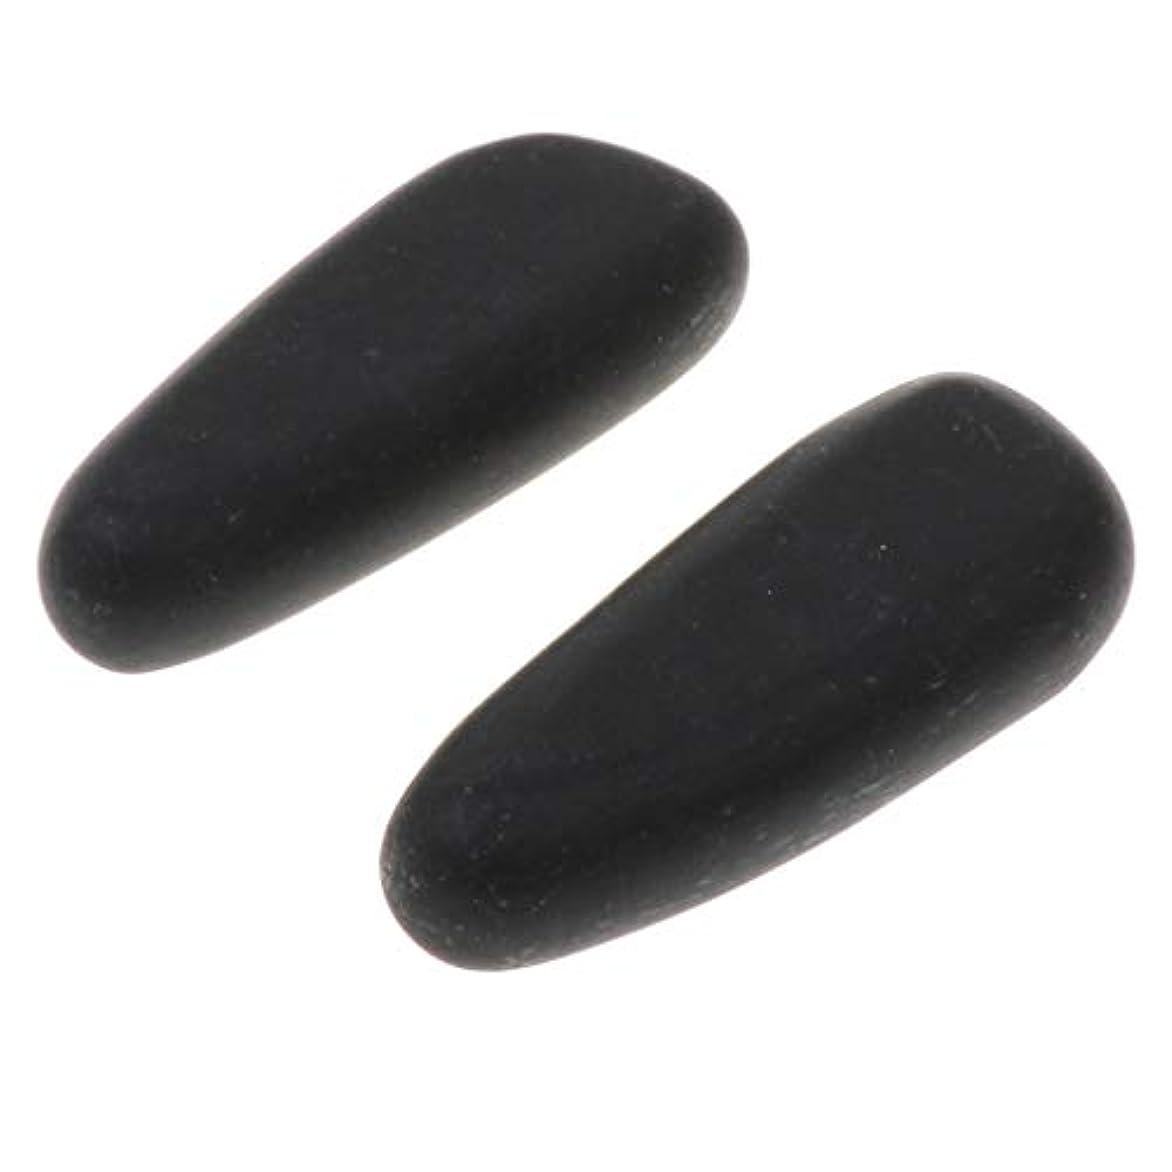 病気だと思う抑制する通行人CUTICATE 天然石ホットストーン マッサージ用玄武岩 マッサージストーン ボディマッサージ 実用 2個 全2サイズ - 8×3.2×2cm